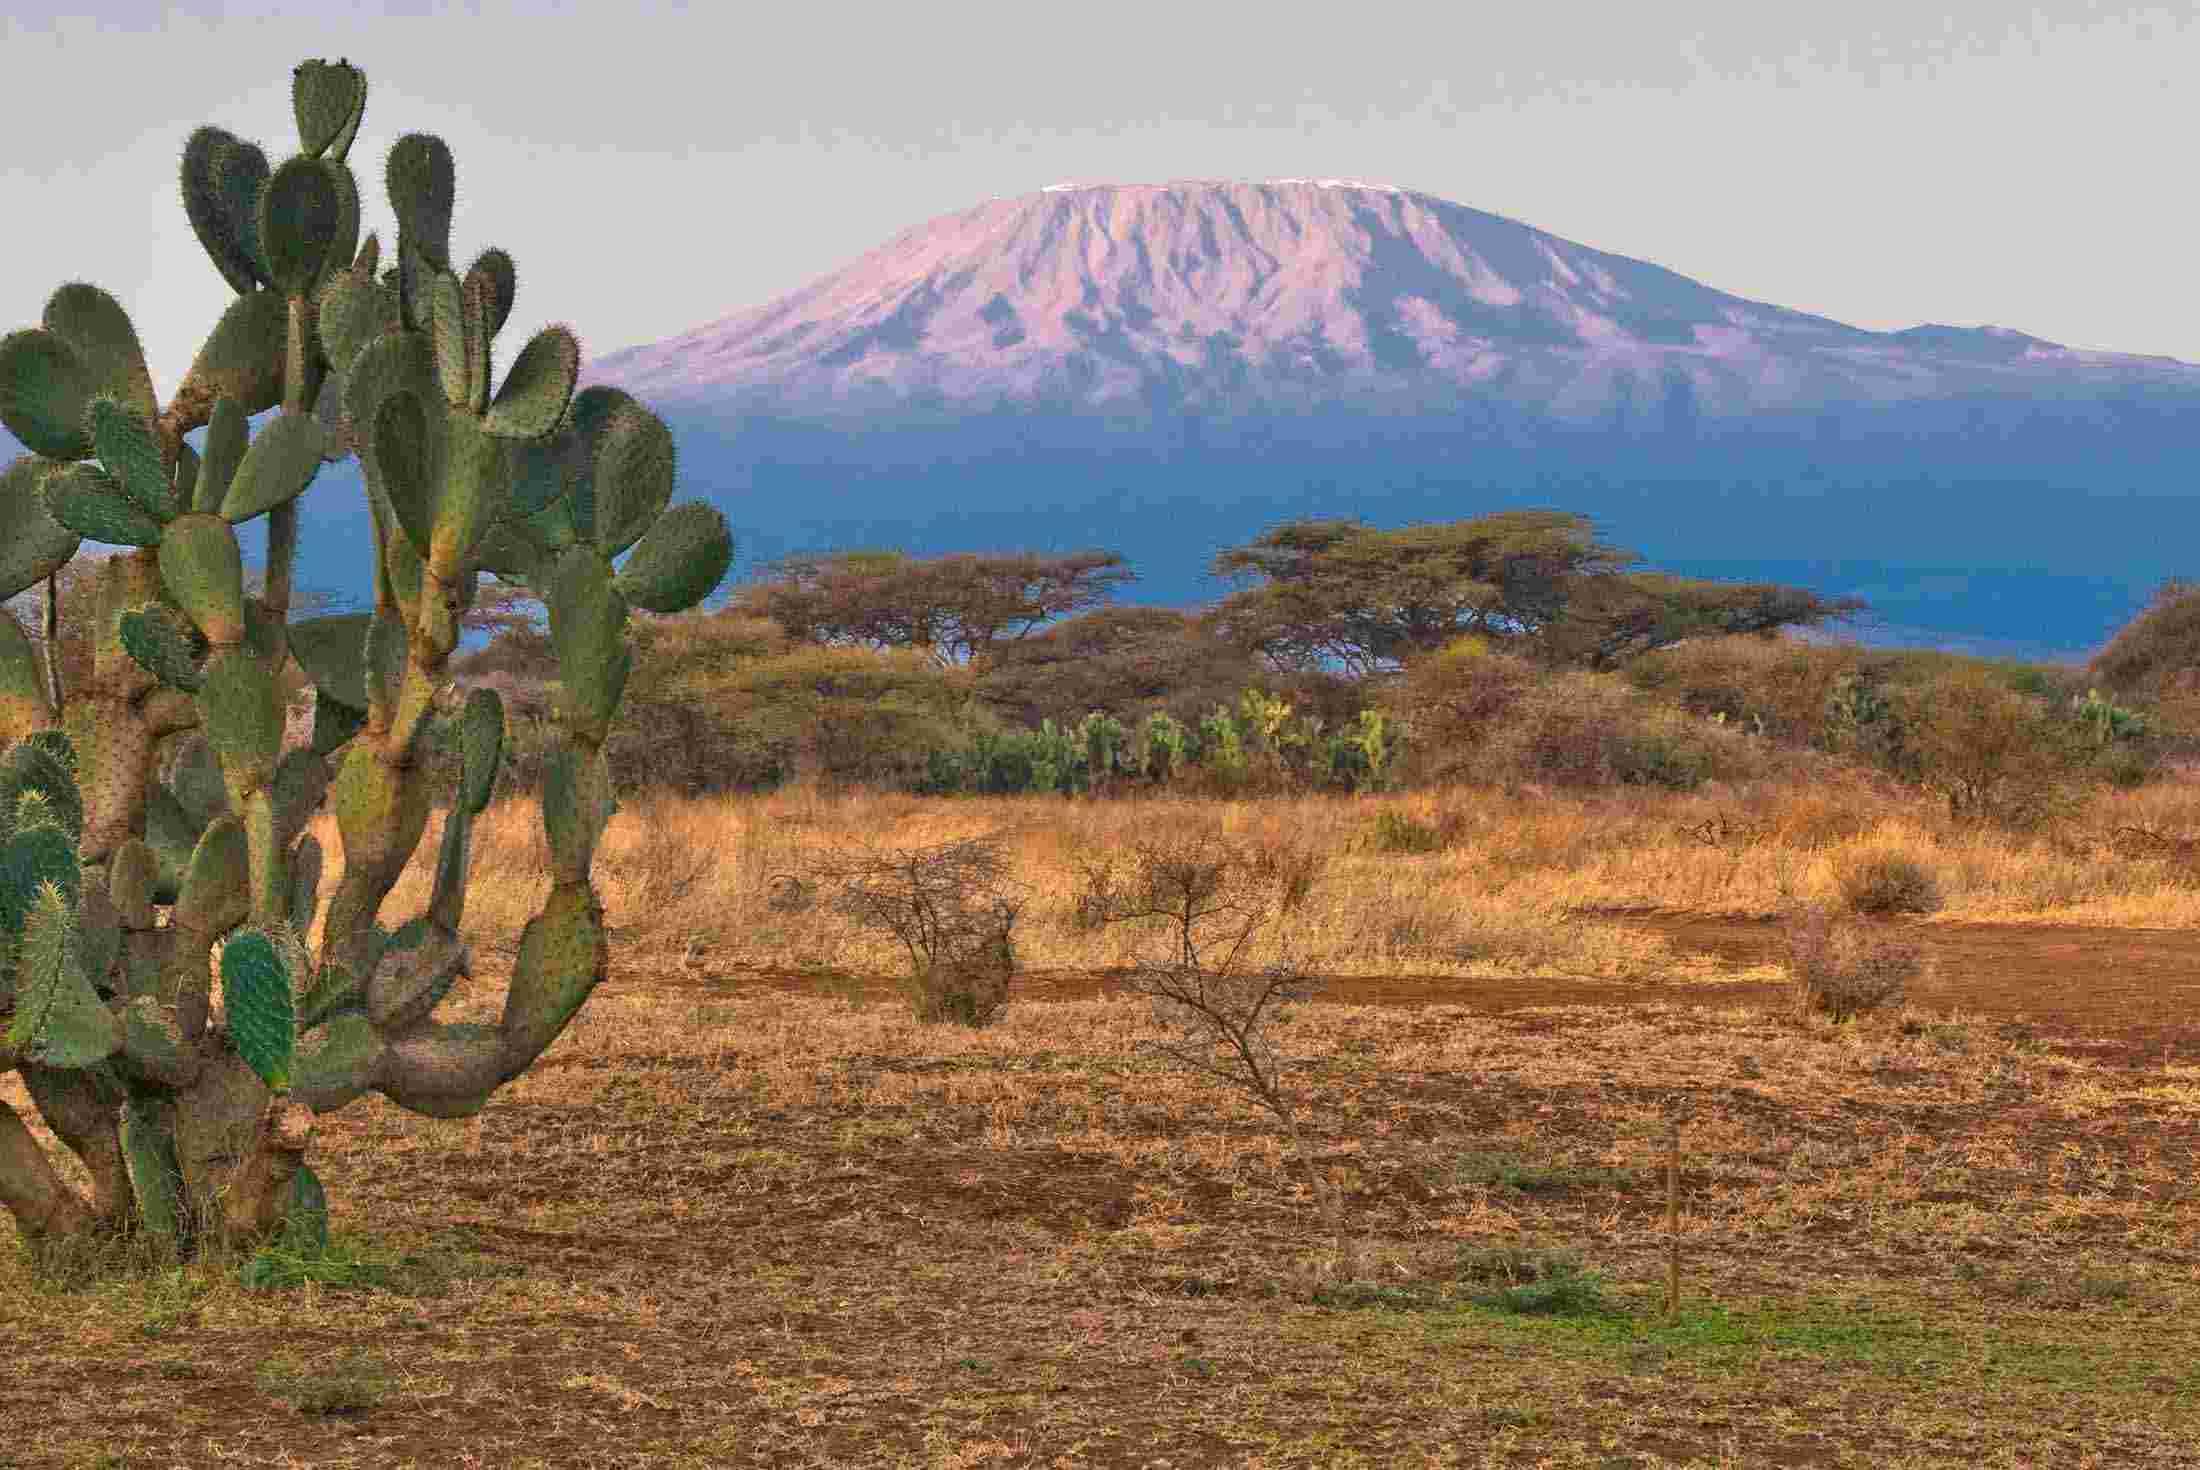 tanzania tours travel trips peregrine adventures us